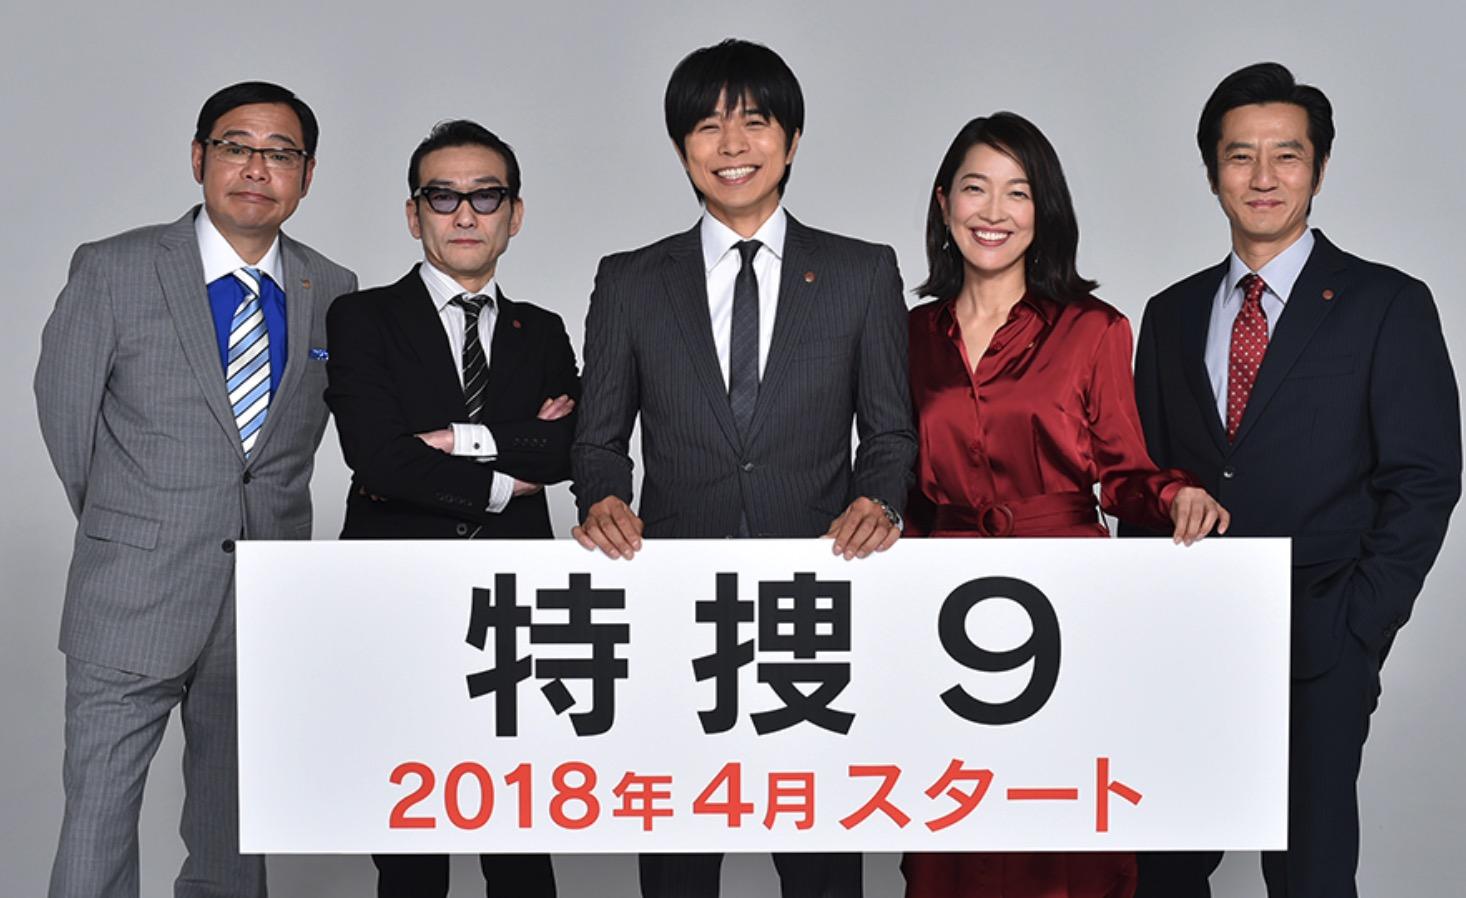 特捜9(とくそうナイン)